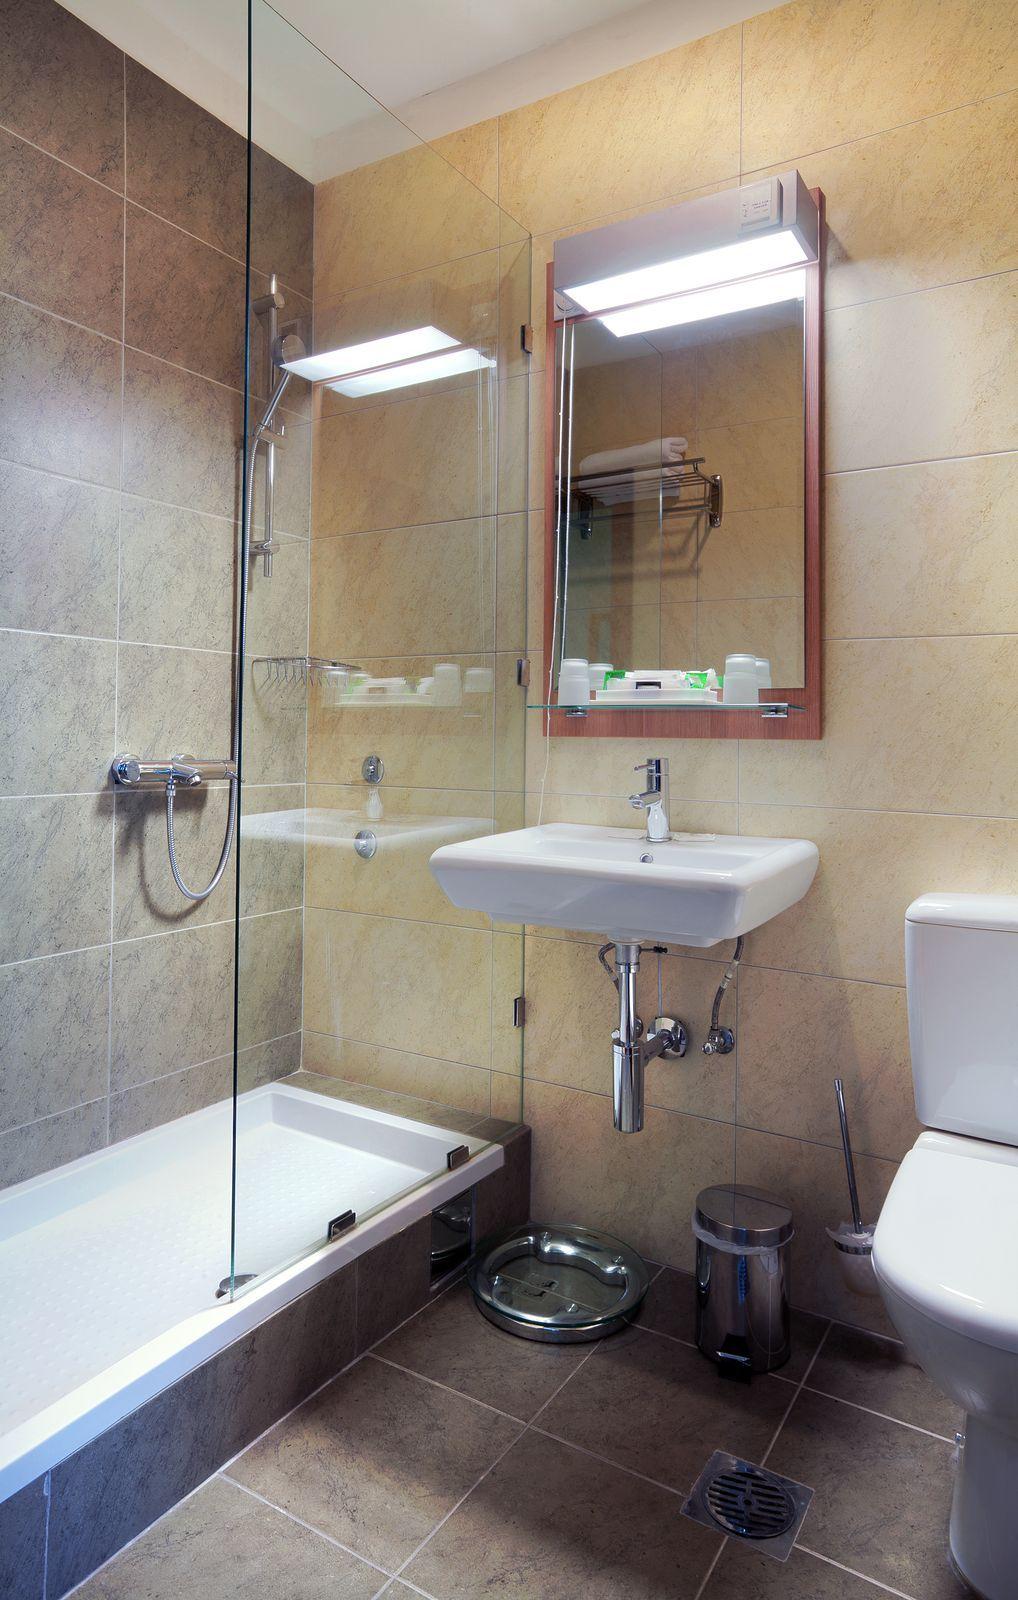 Фото туалет в женском монастыре 11 фотография